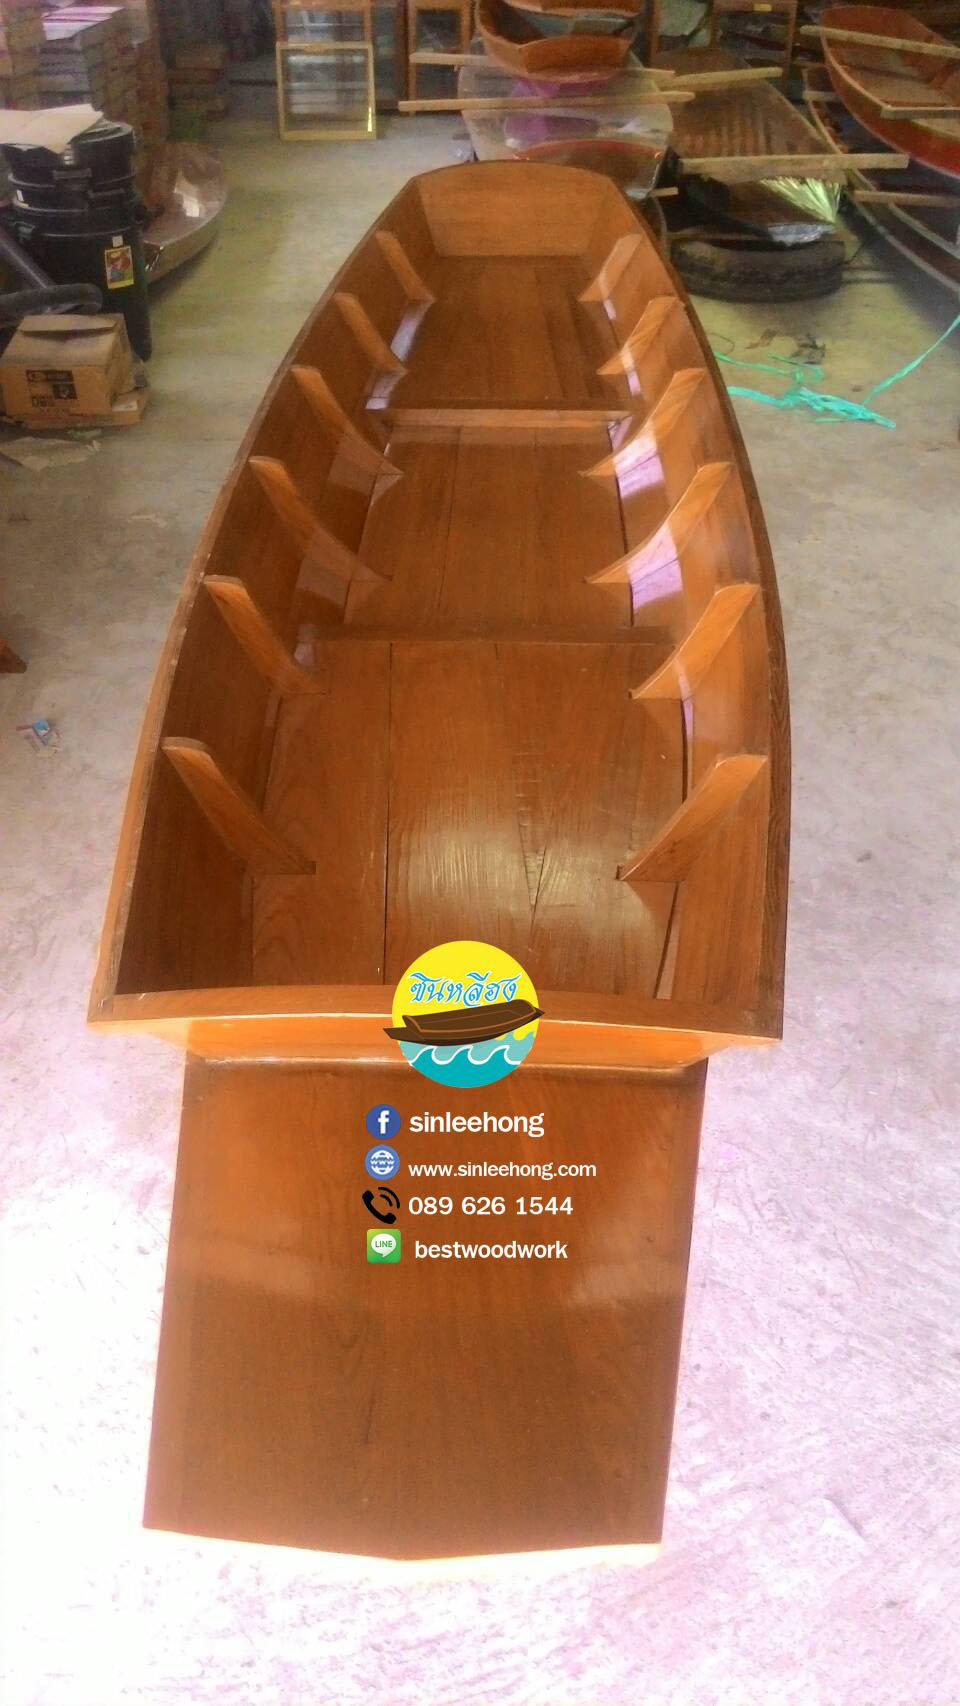 เรือไม้สัก เรืออีแปะ 350 ซม ชันยาเรือ ลงน้ำพายได้เลย แถมไม้พาย (ส่งทั่วประเทศ)